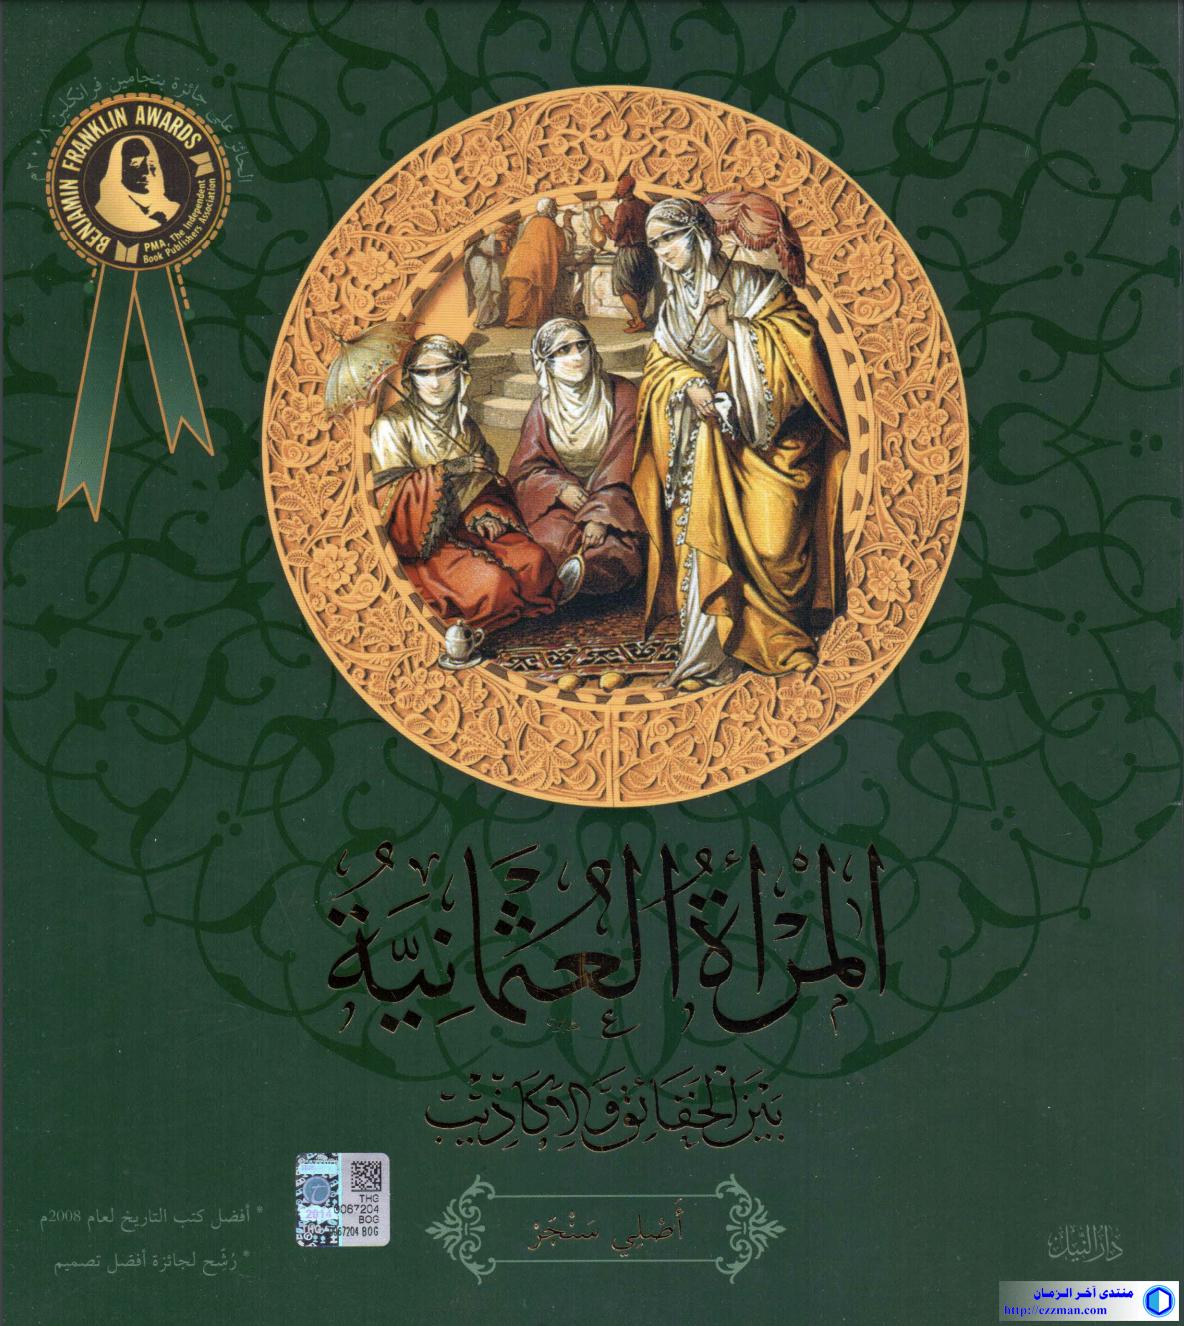 المرأة العثمانية الحقائق والأكاذيب